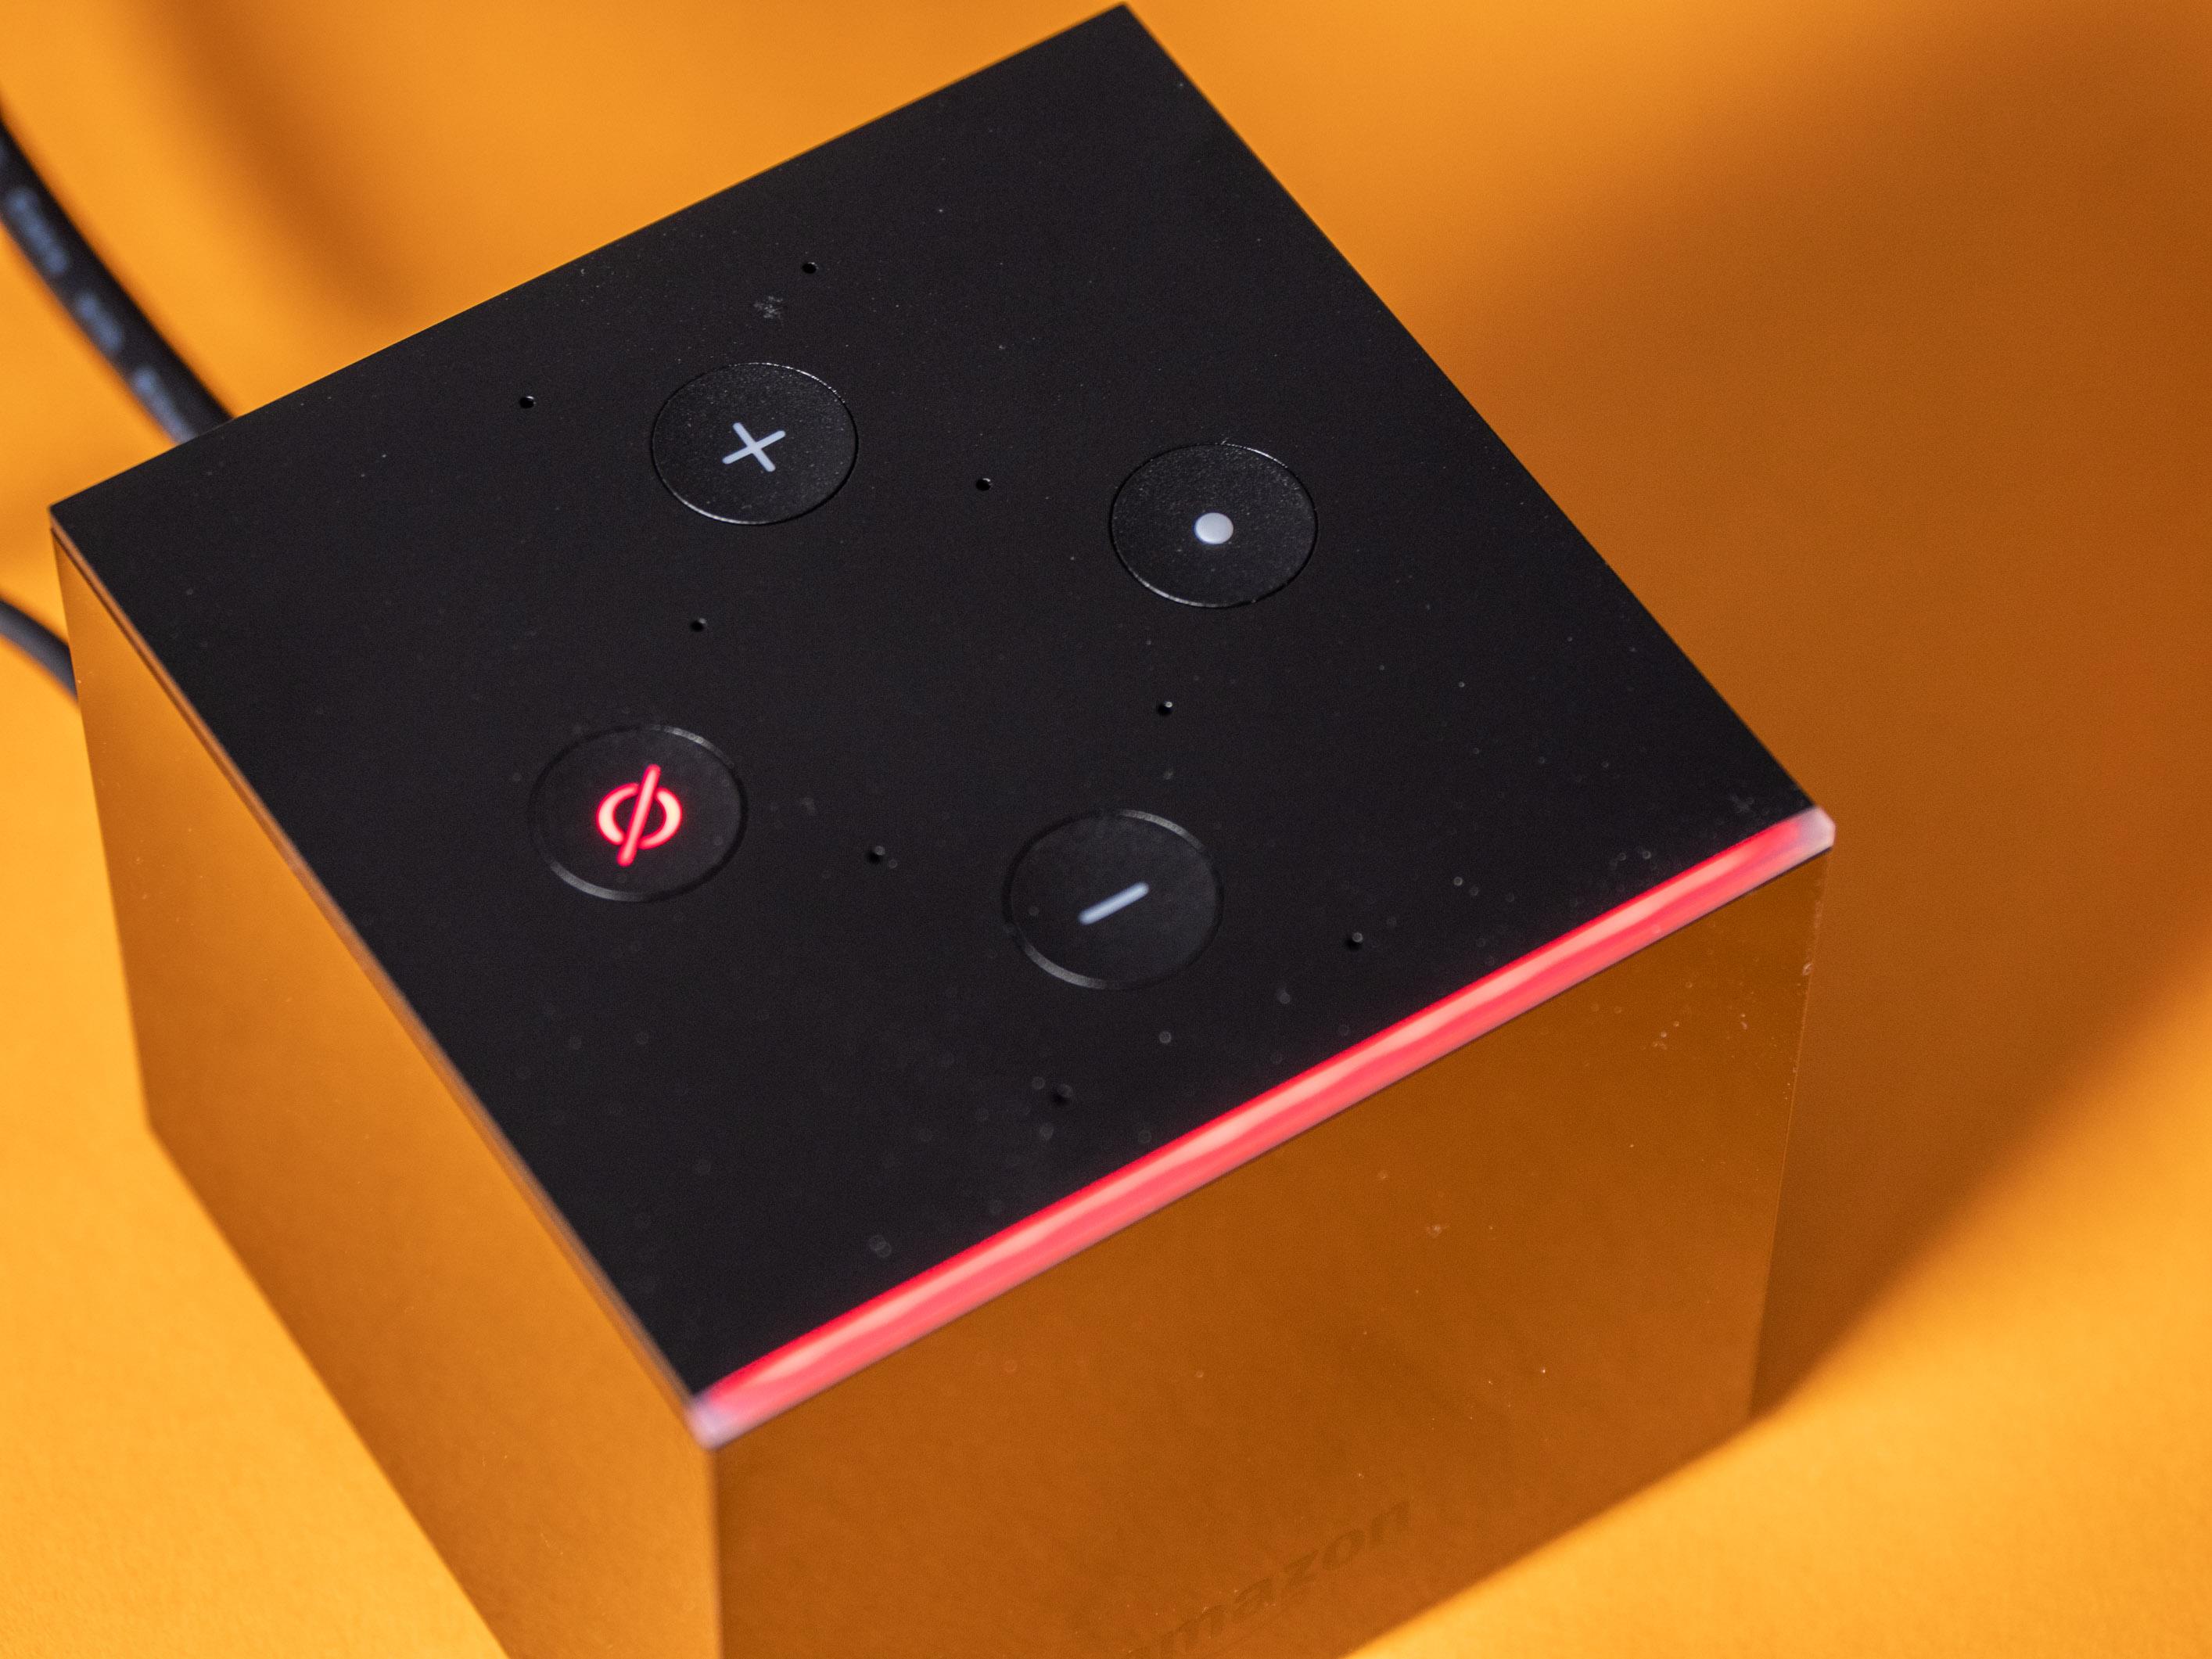 Fire TV Cube im Praxistest: Das beste Fire TV mit fast perfekter Alexa-Sprachsteuerung - Nur in den ersten Sekunden nach dem Deaktivieren der Mikrofone leuchtet die LED-Kante rot auf. (Bild: Martin Wolf/Golem.de)